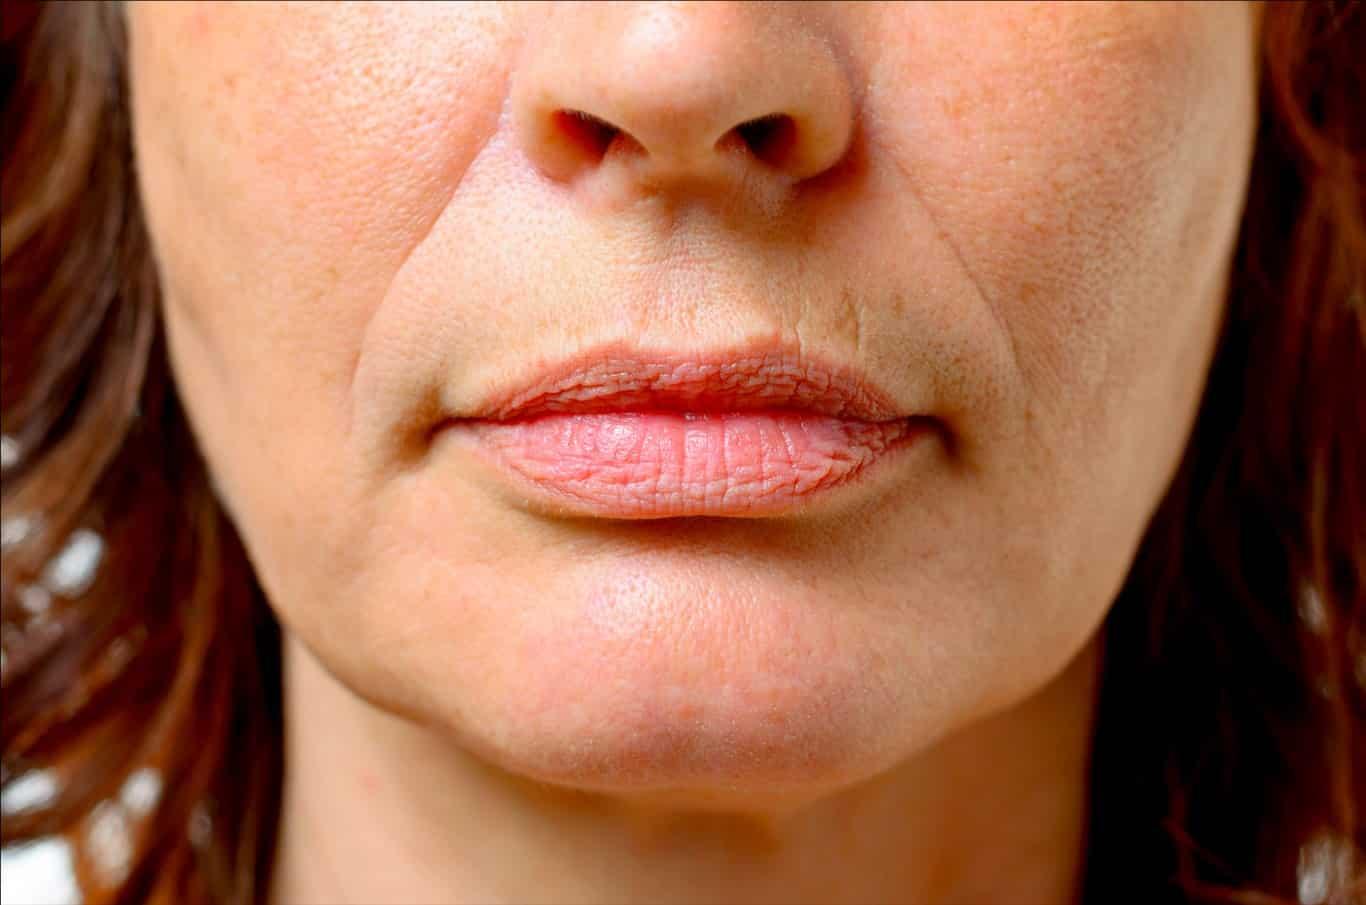 como tirar rugas da boca,eliminar rugas ao redor da boca, rugas na boca